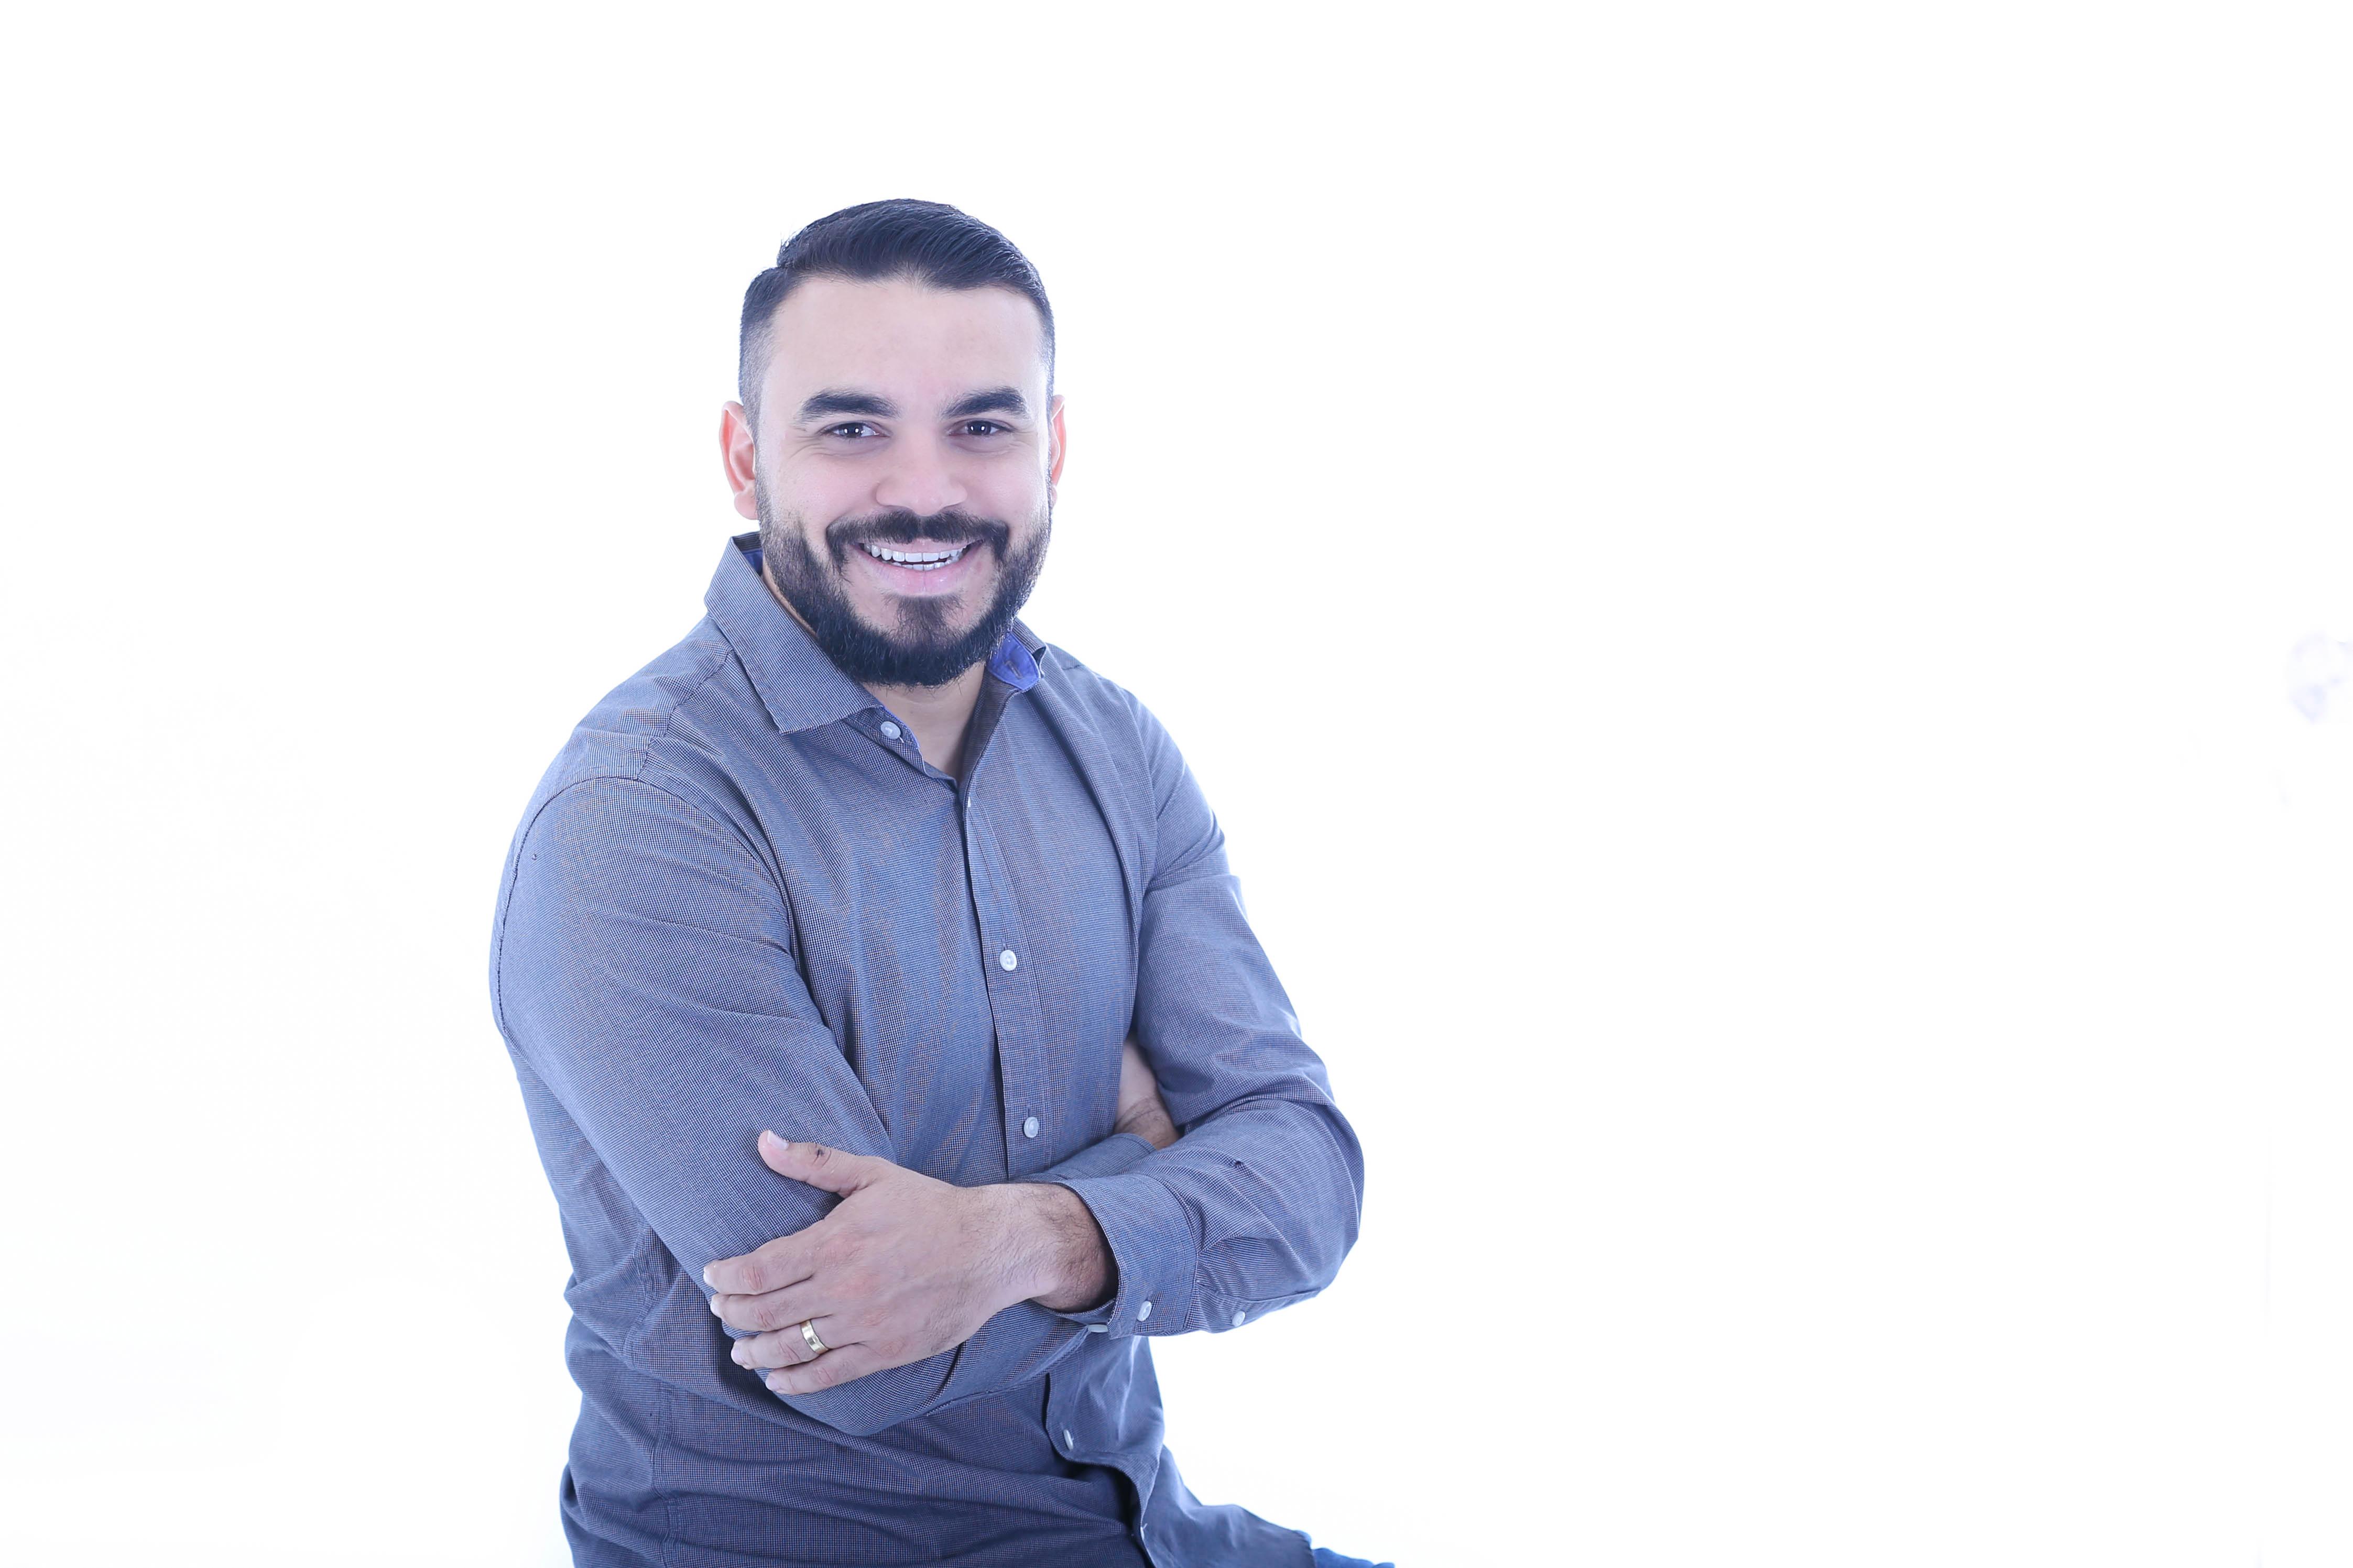 ENTREVISTA: Geovanni Silva - Aprovado em 2º lugar no concurso ISS Manaus para o cargo de Técnico Fazendário